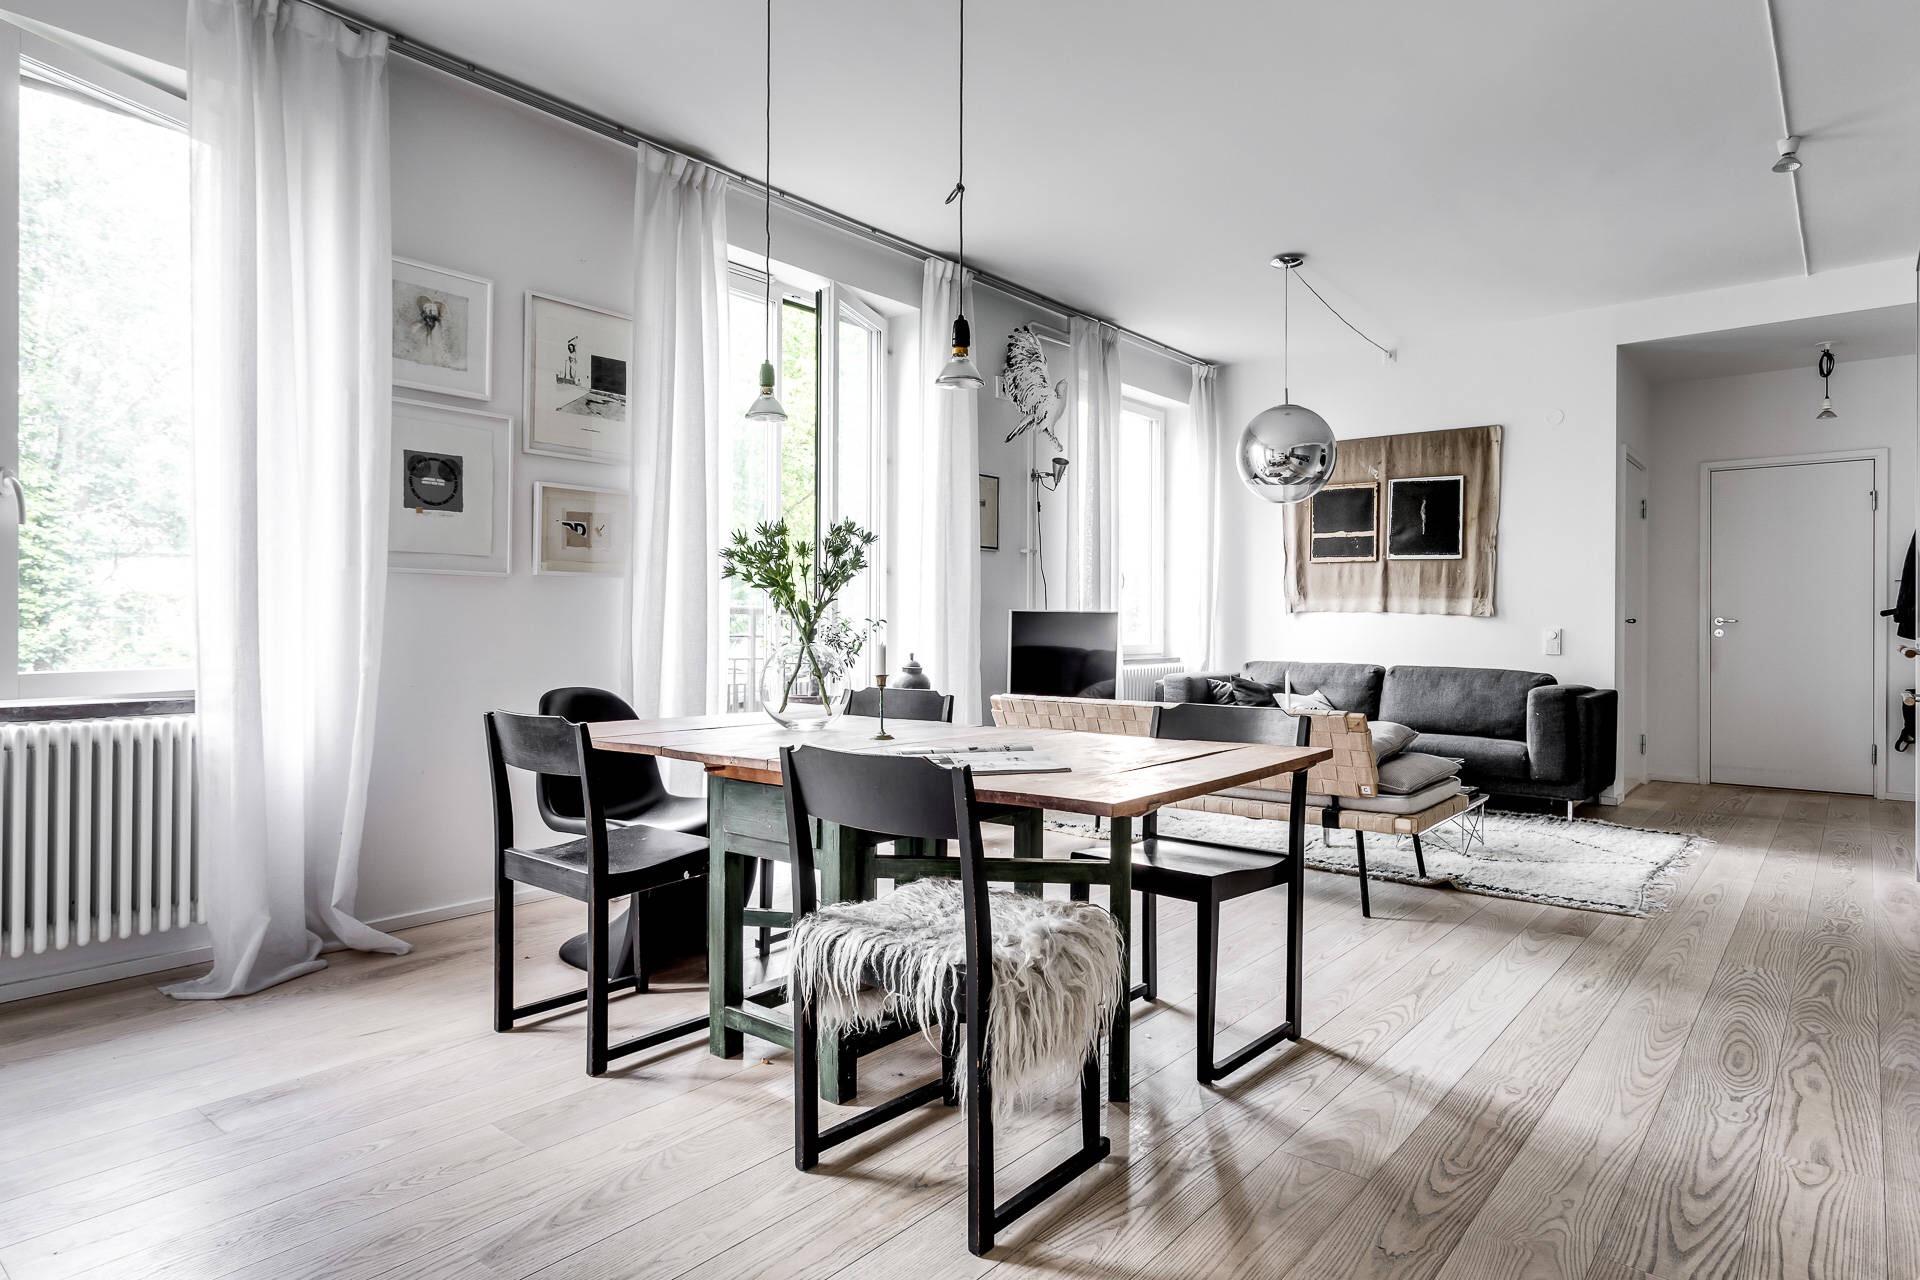 светлые стены деревянный пол обеденный стол диван телевизор панно